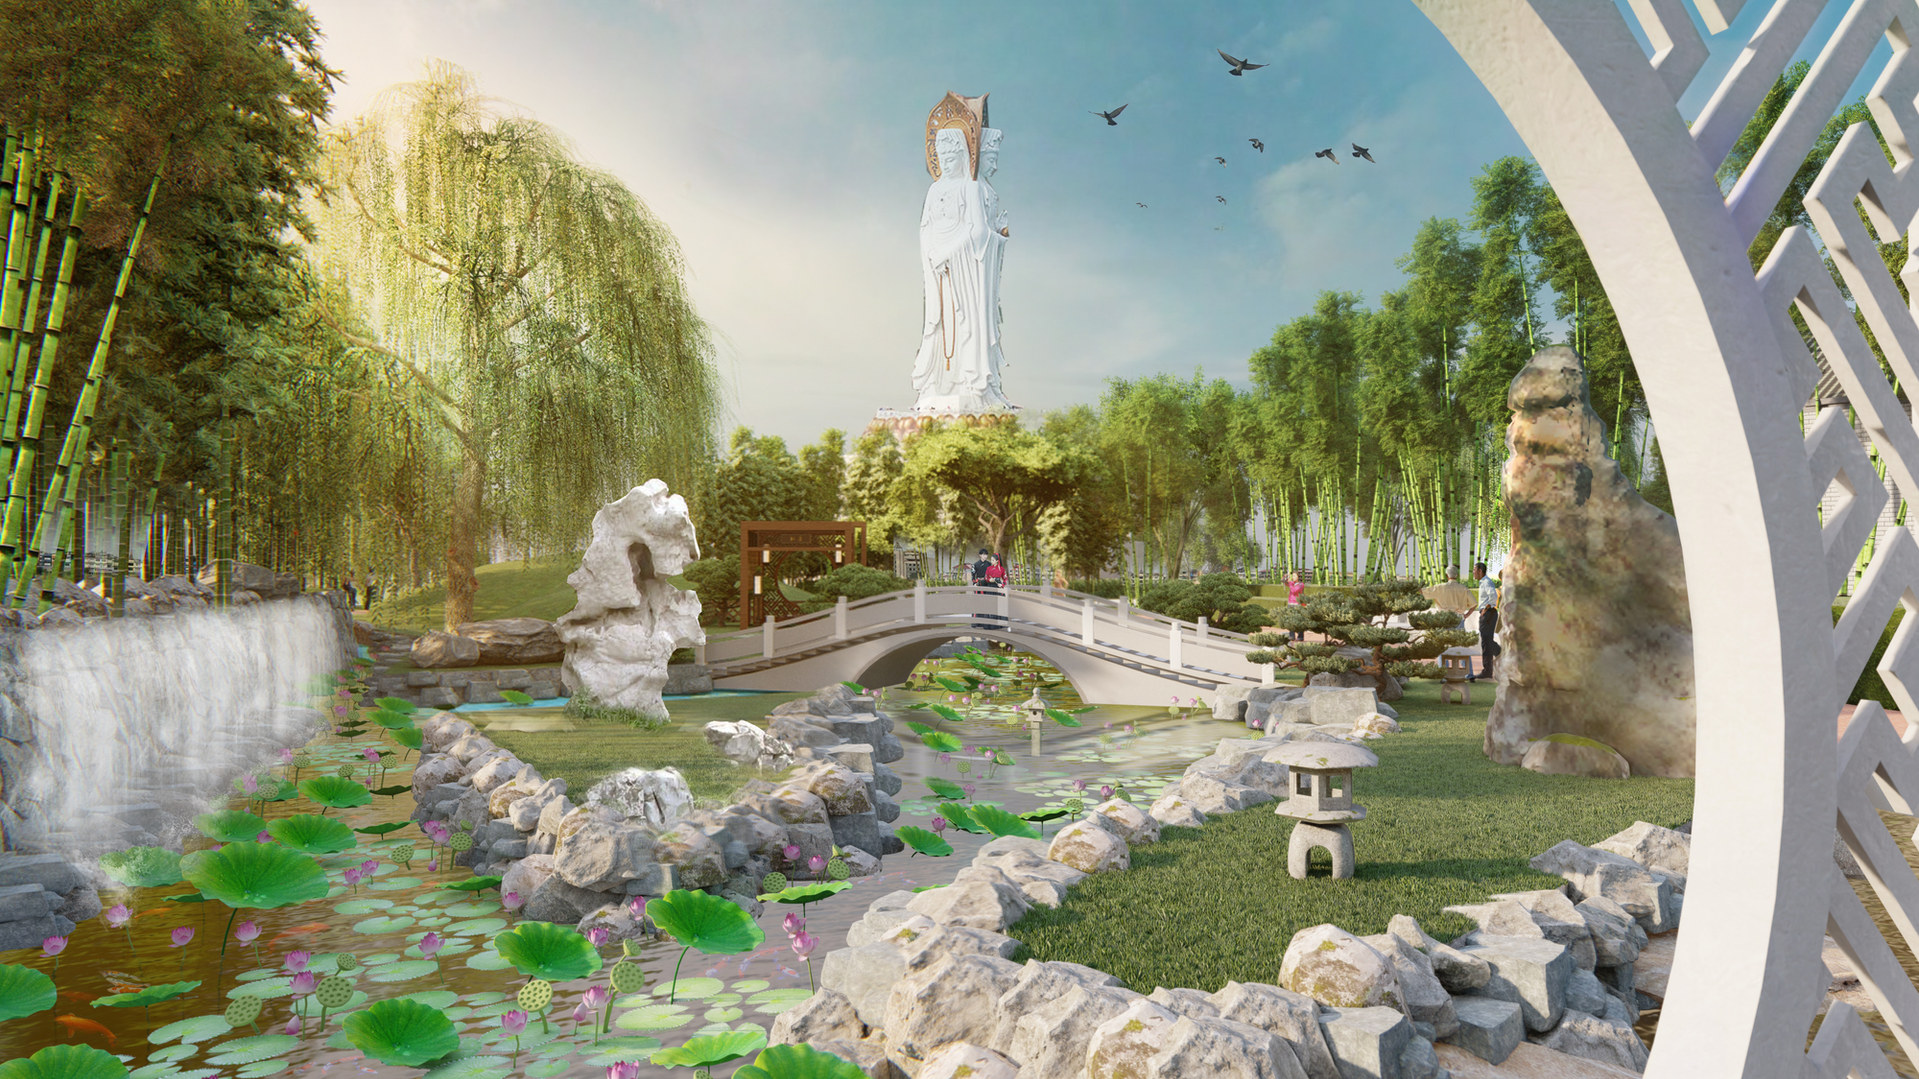 Nakhon Sawan Cultural Park